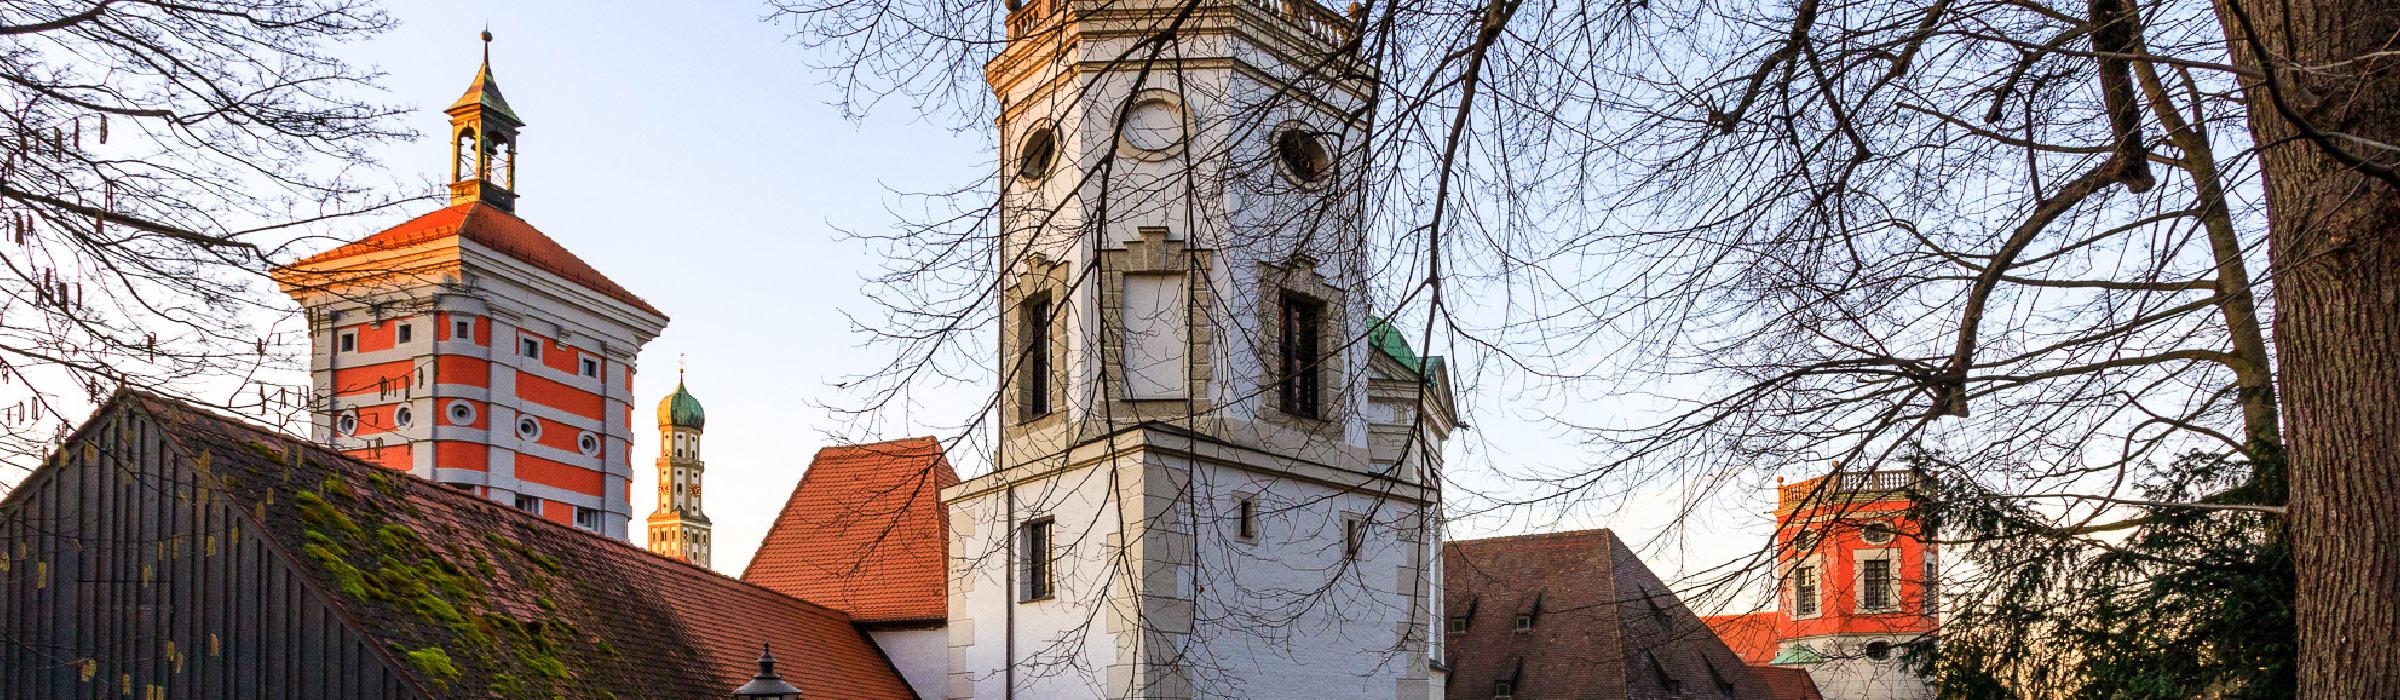 Stadtwanderung Augsburg